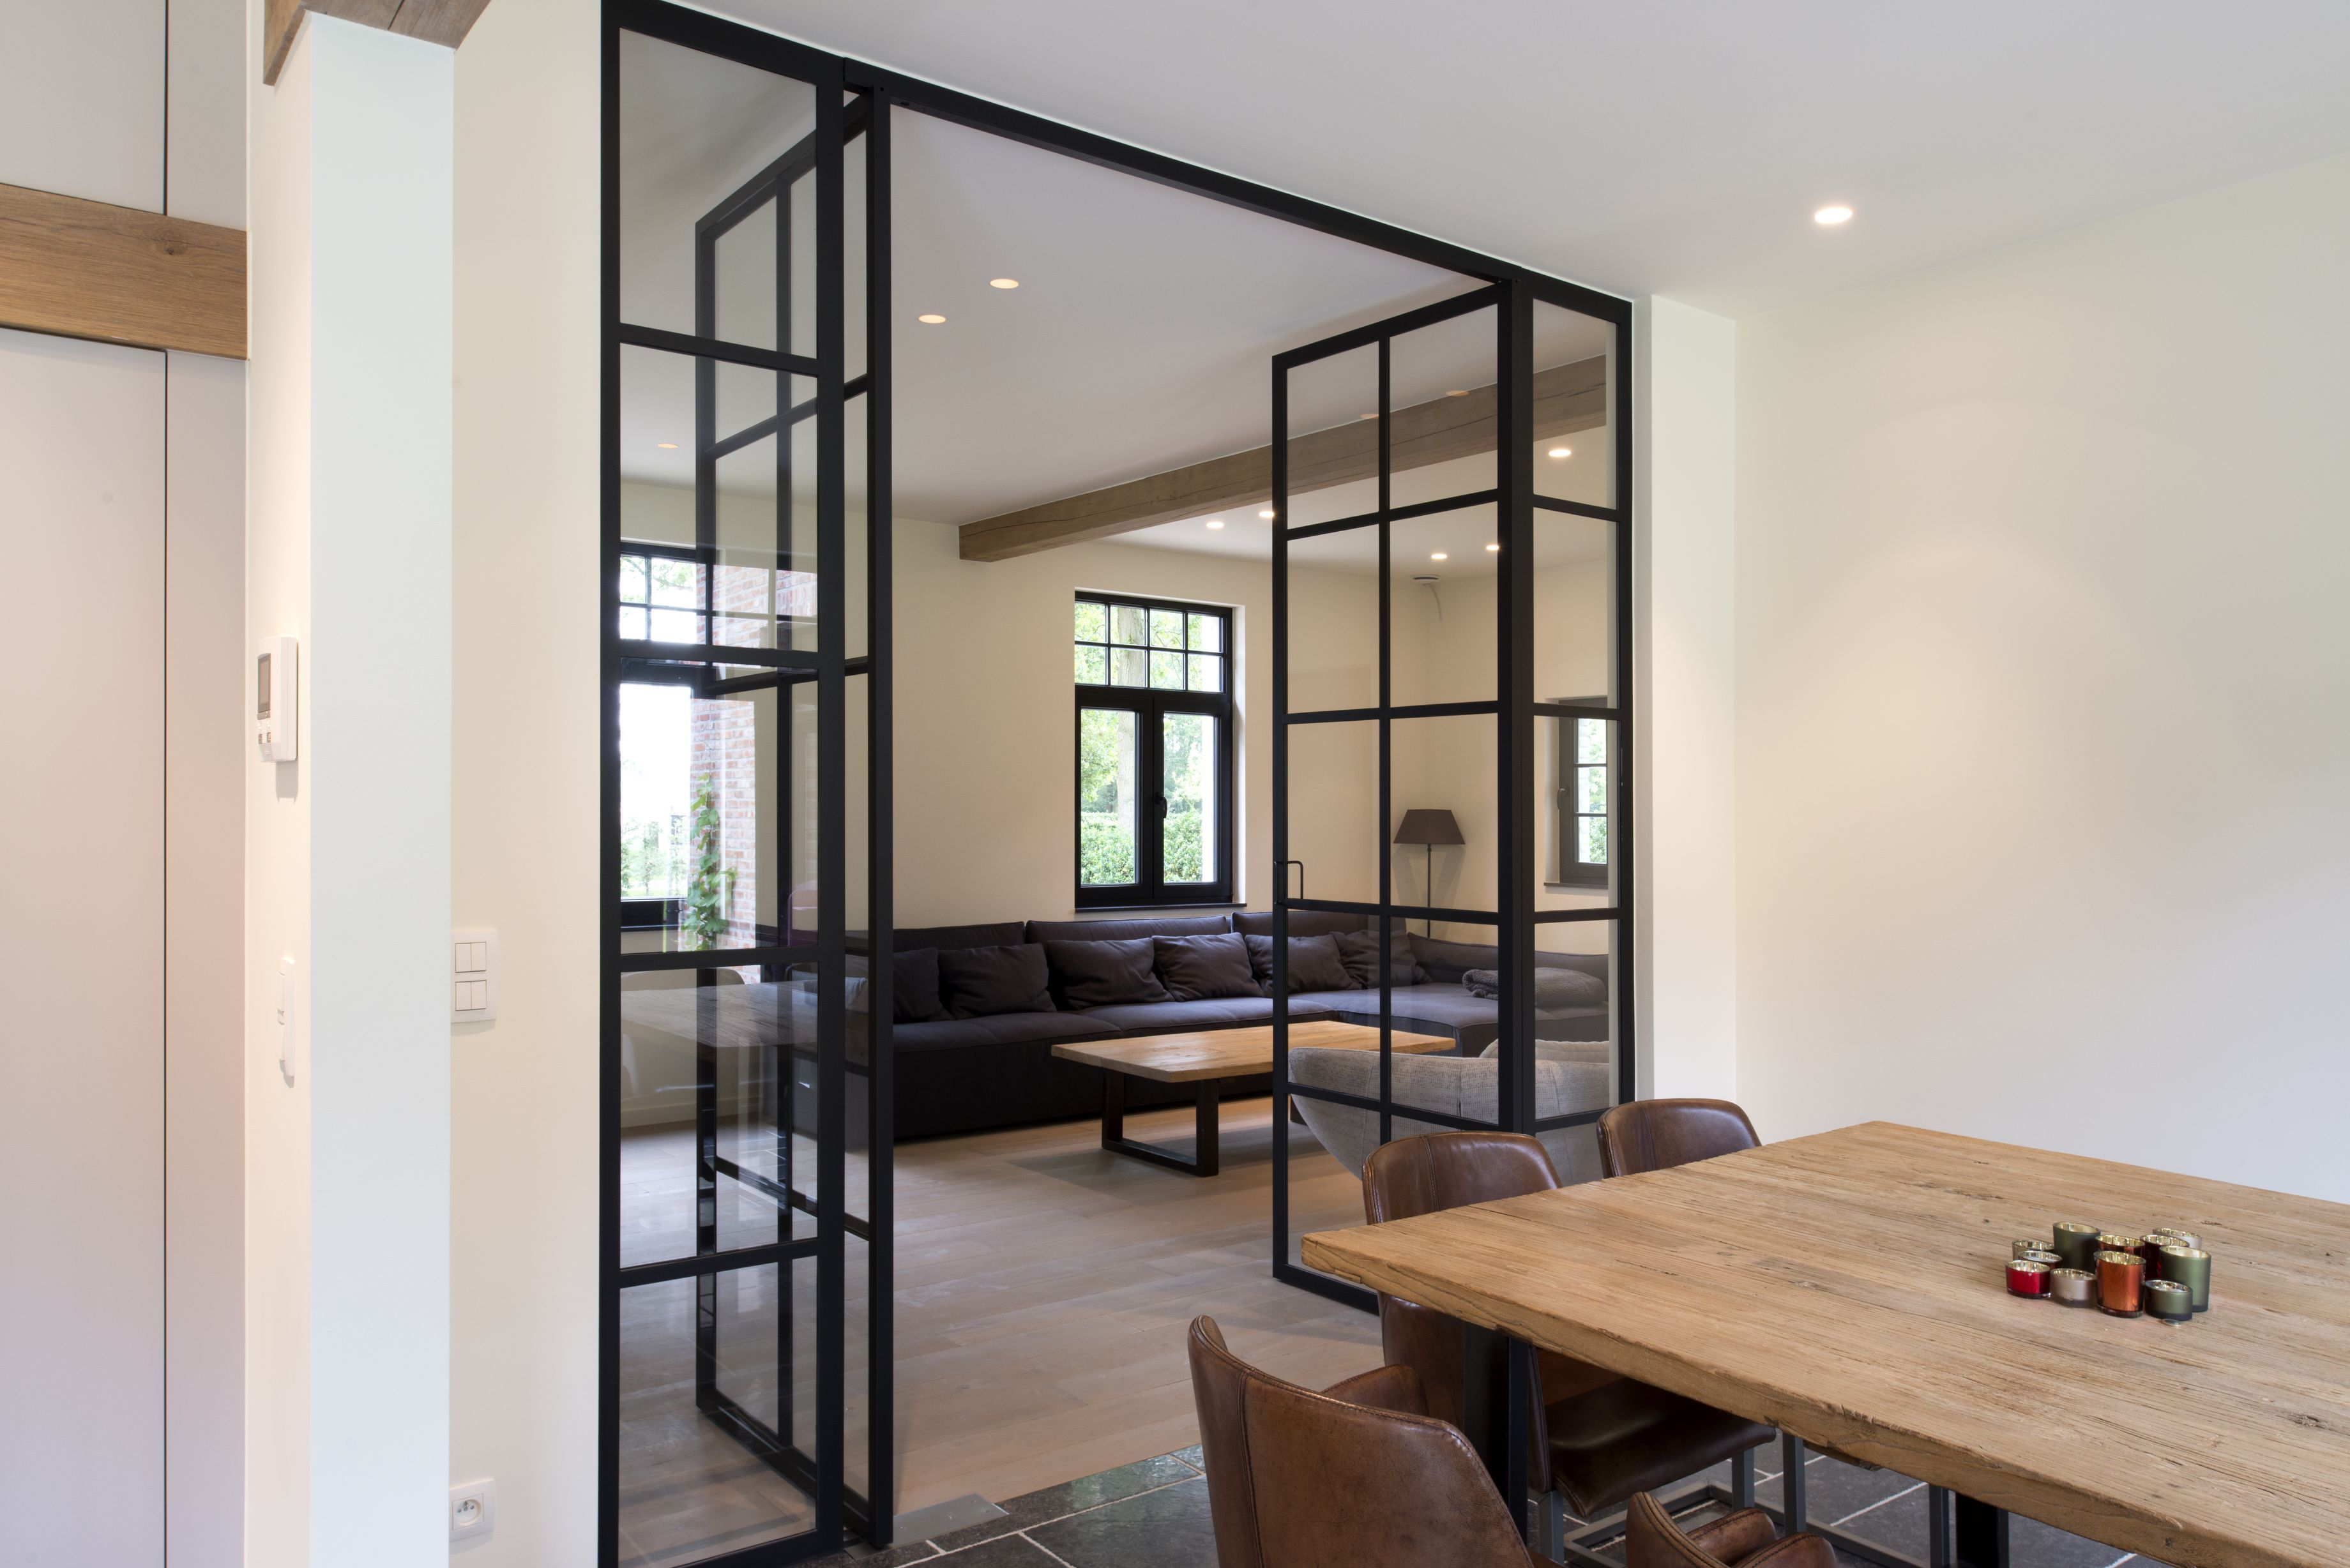 Magnus villa 39 s villabouw renovatie interieur haus pinterest haus wohnzimmer und - Wohnzimmer romantisch einrichten ...